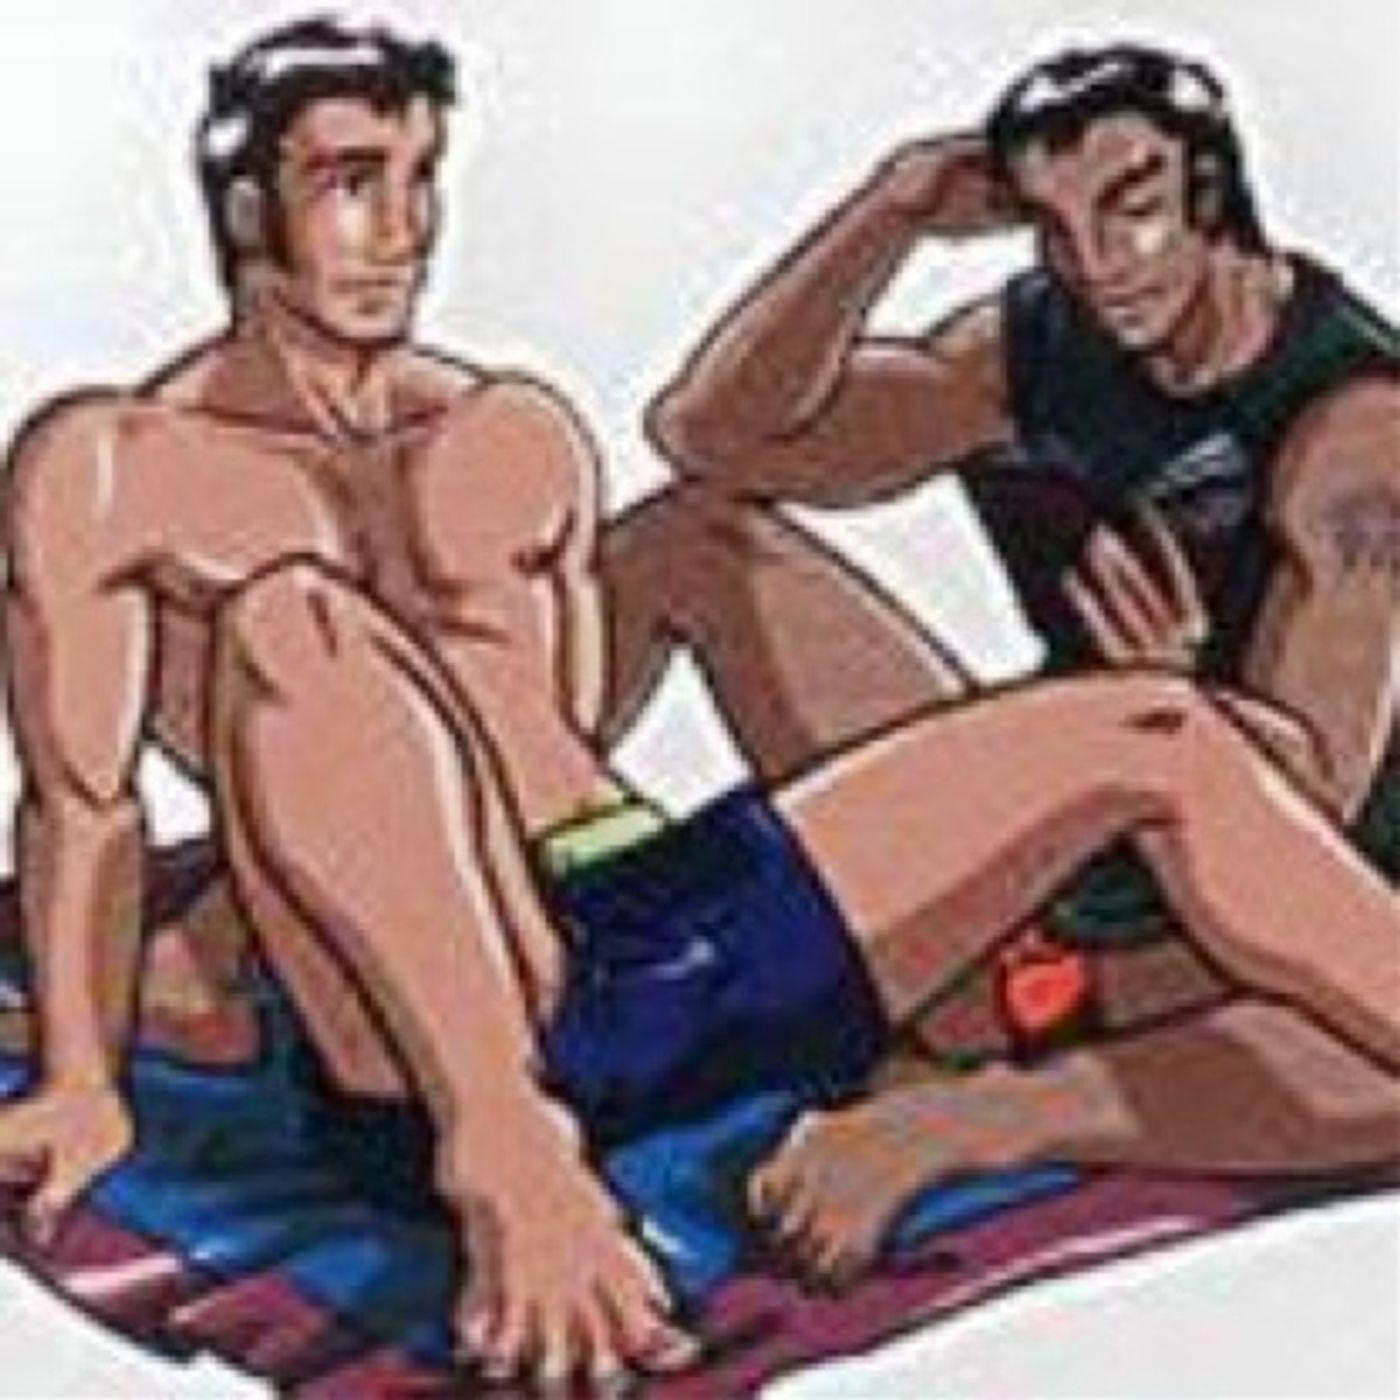 Le effusioni Gay sulla spiaggia di Fregene dimostrano il trionfo dell'ideologia gay